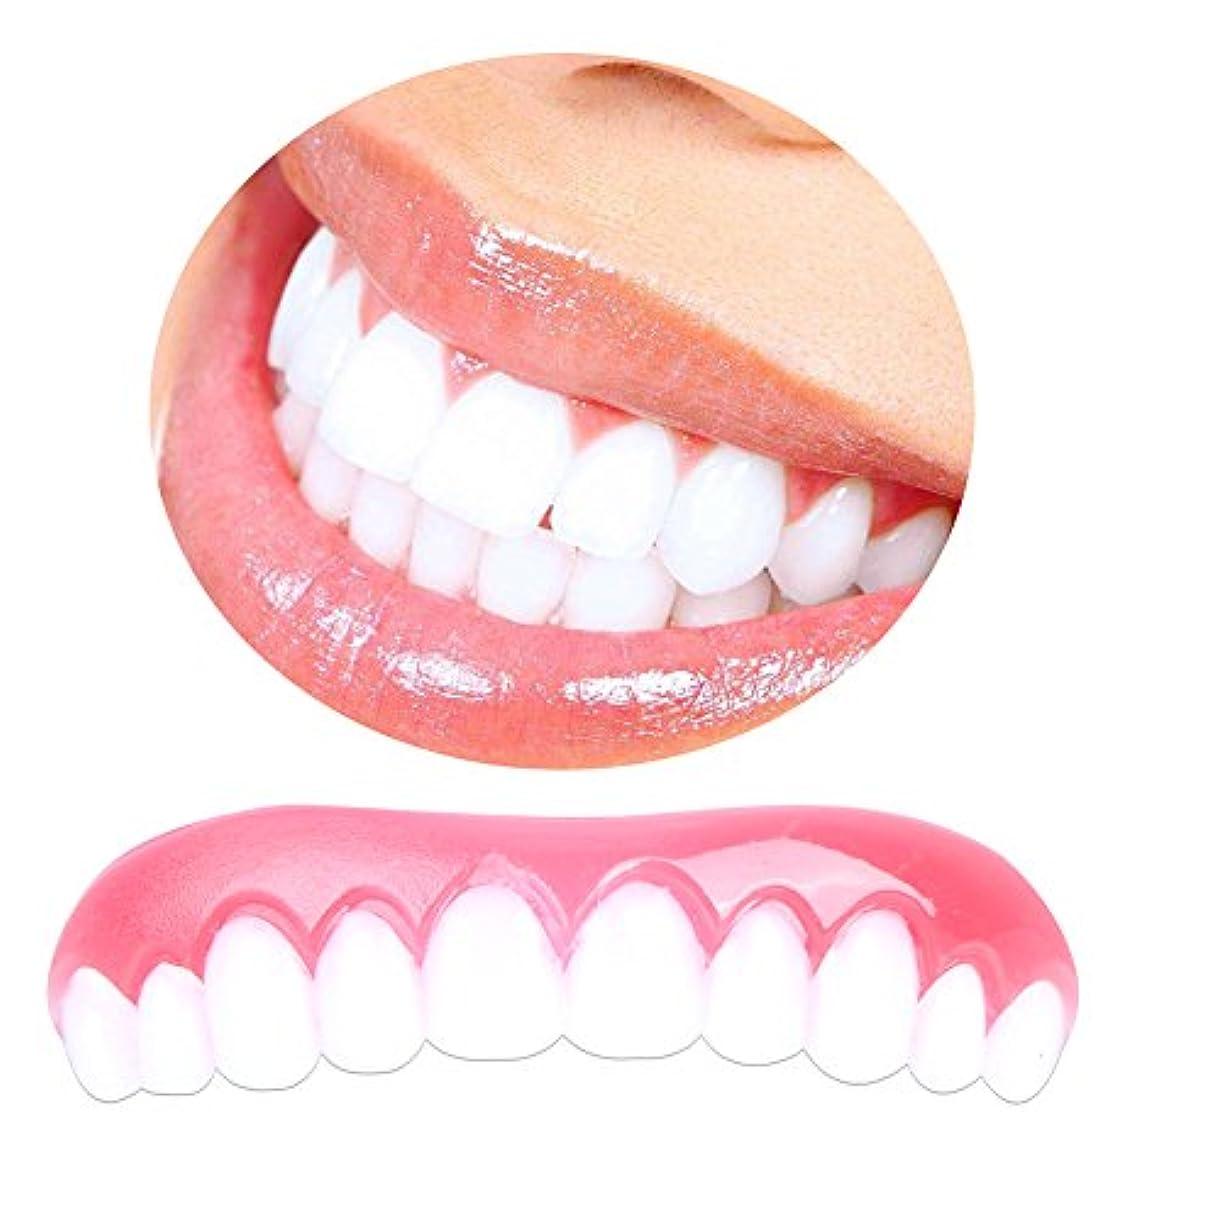 許可砂のアジテーション2個パーフェクトスマイルベニヤダブの歯の修正のための在庫の悪い歯のためのパーフェクトスマイルベニヤ歯のホワイトニング